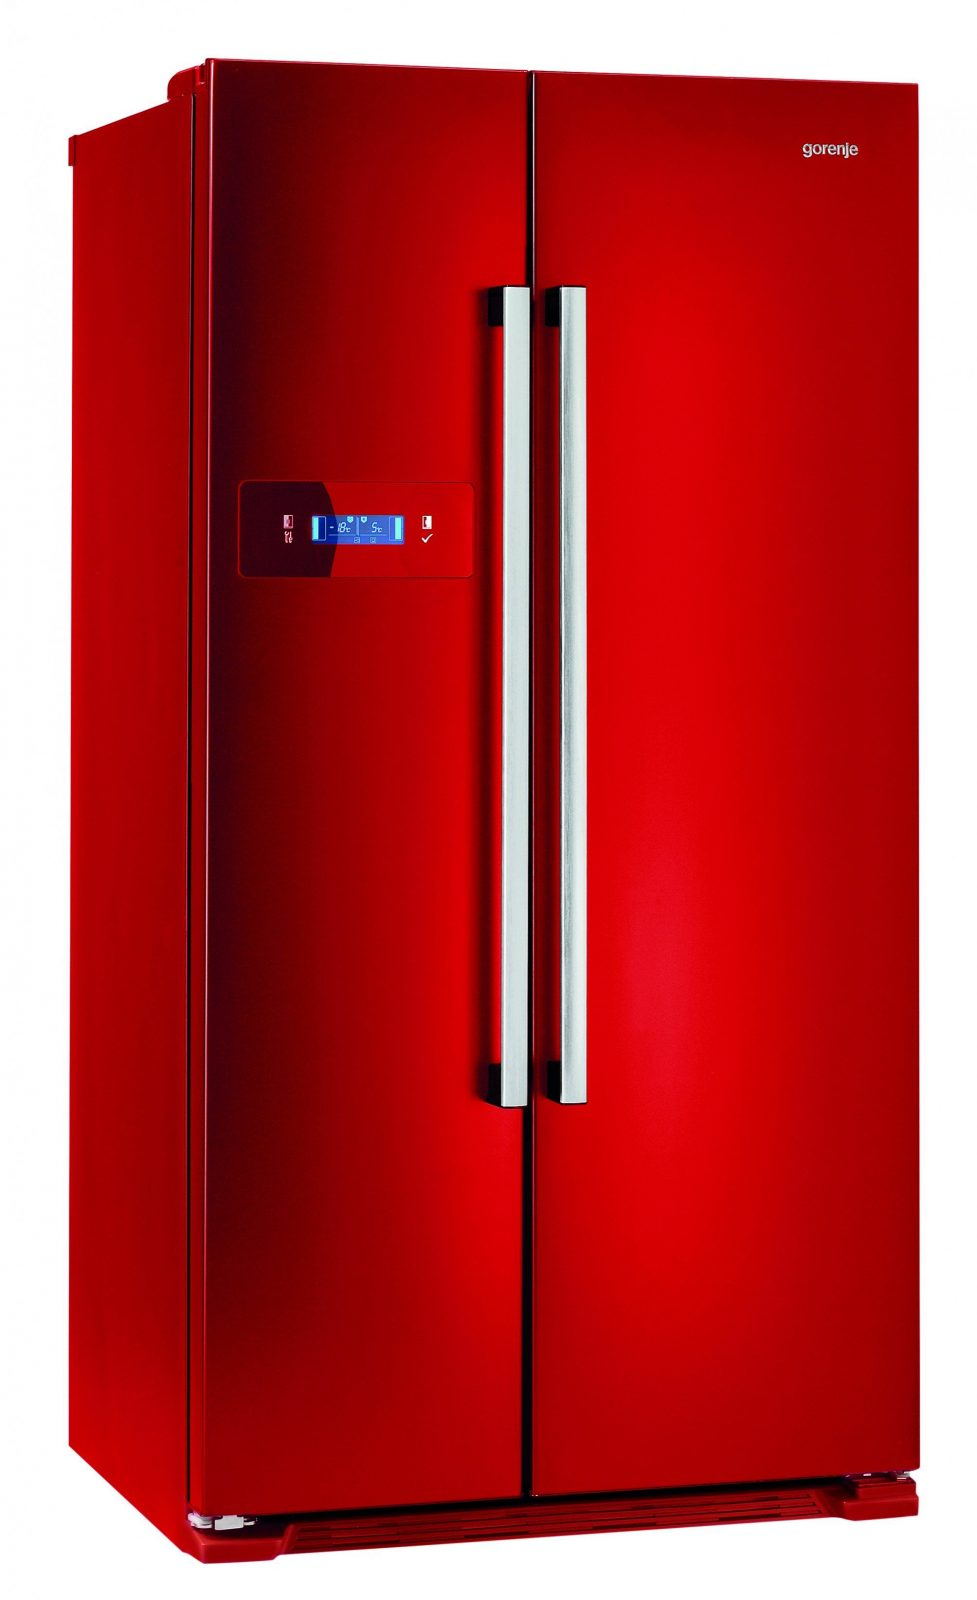 Tiefe 60 Kühlschrank Breite 60  Edna R Gray Blog von Kühlschrank Schmal 40 Cm Bild